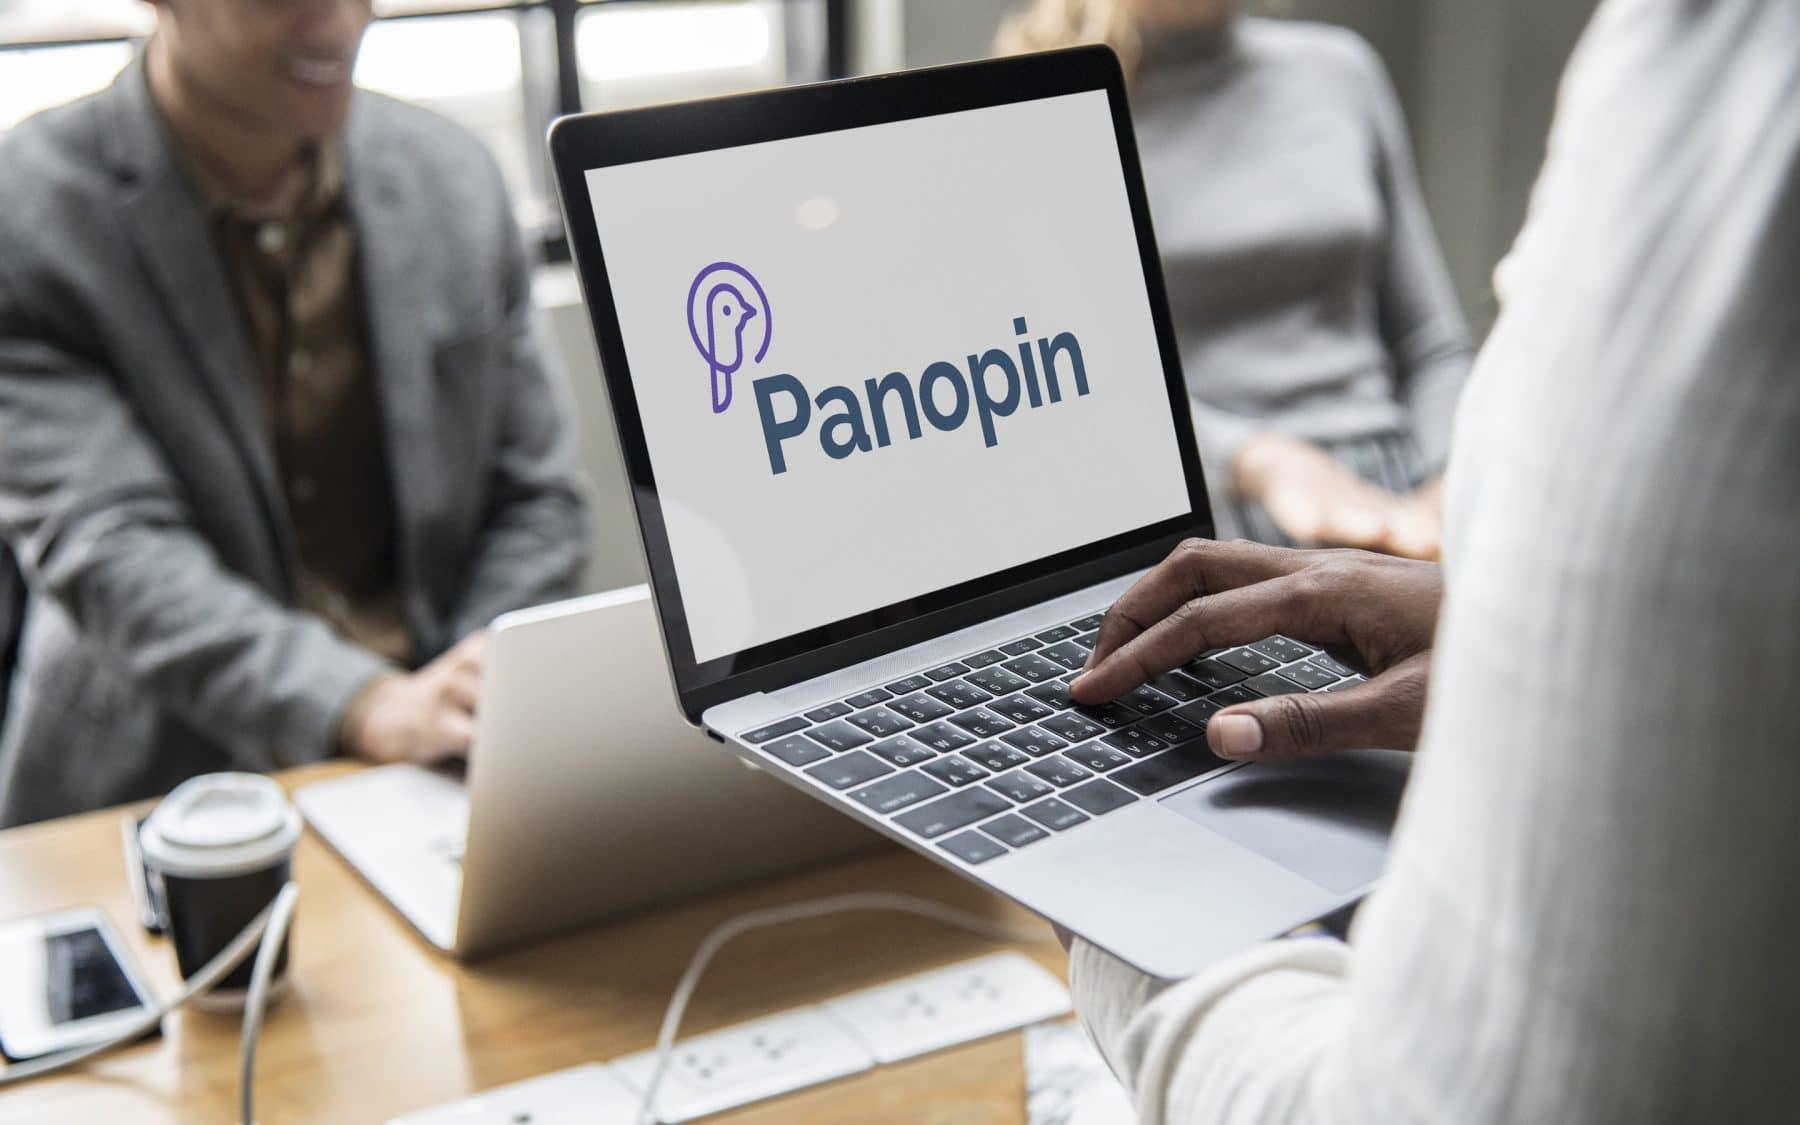 Panopin